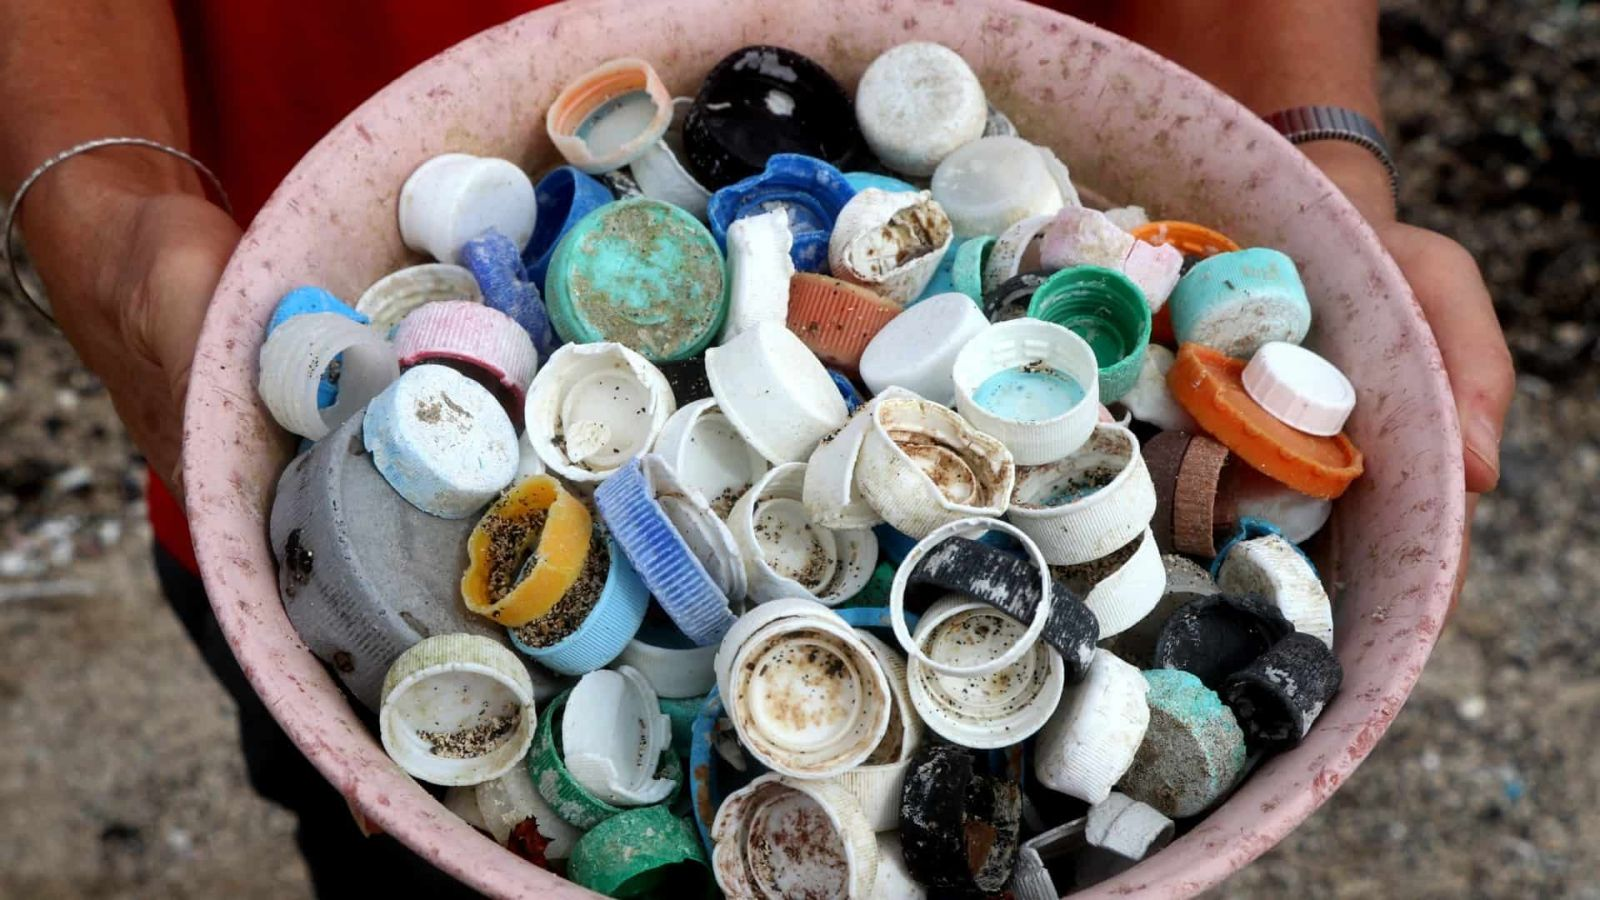 rác thải từ nhựa đều có thể phân loại và tái chế thành hạt nhựa